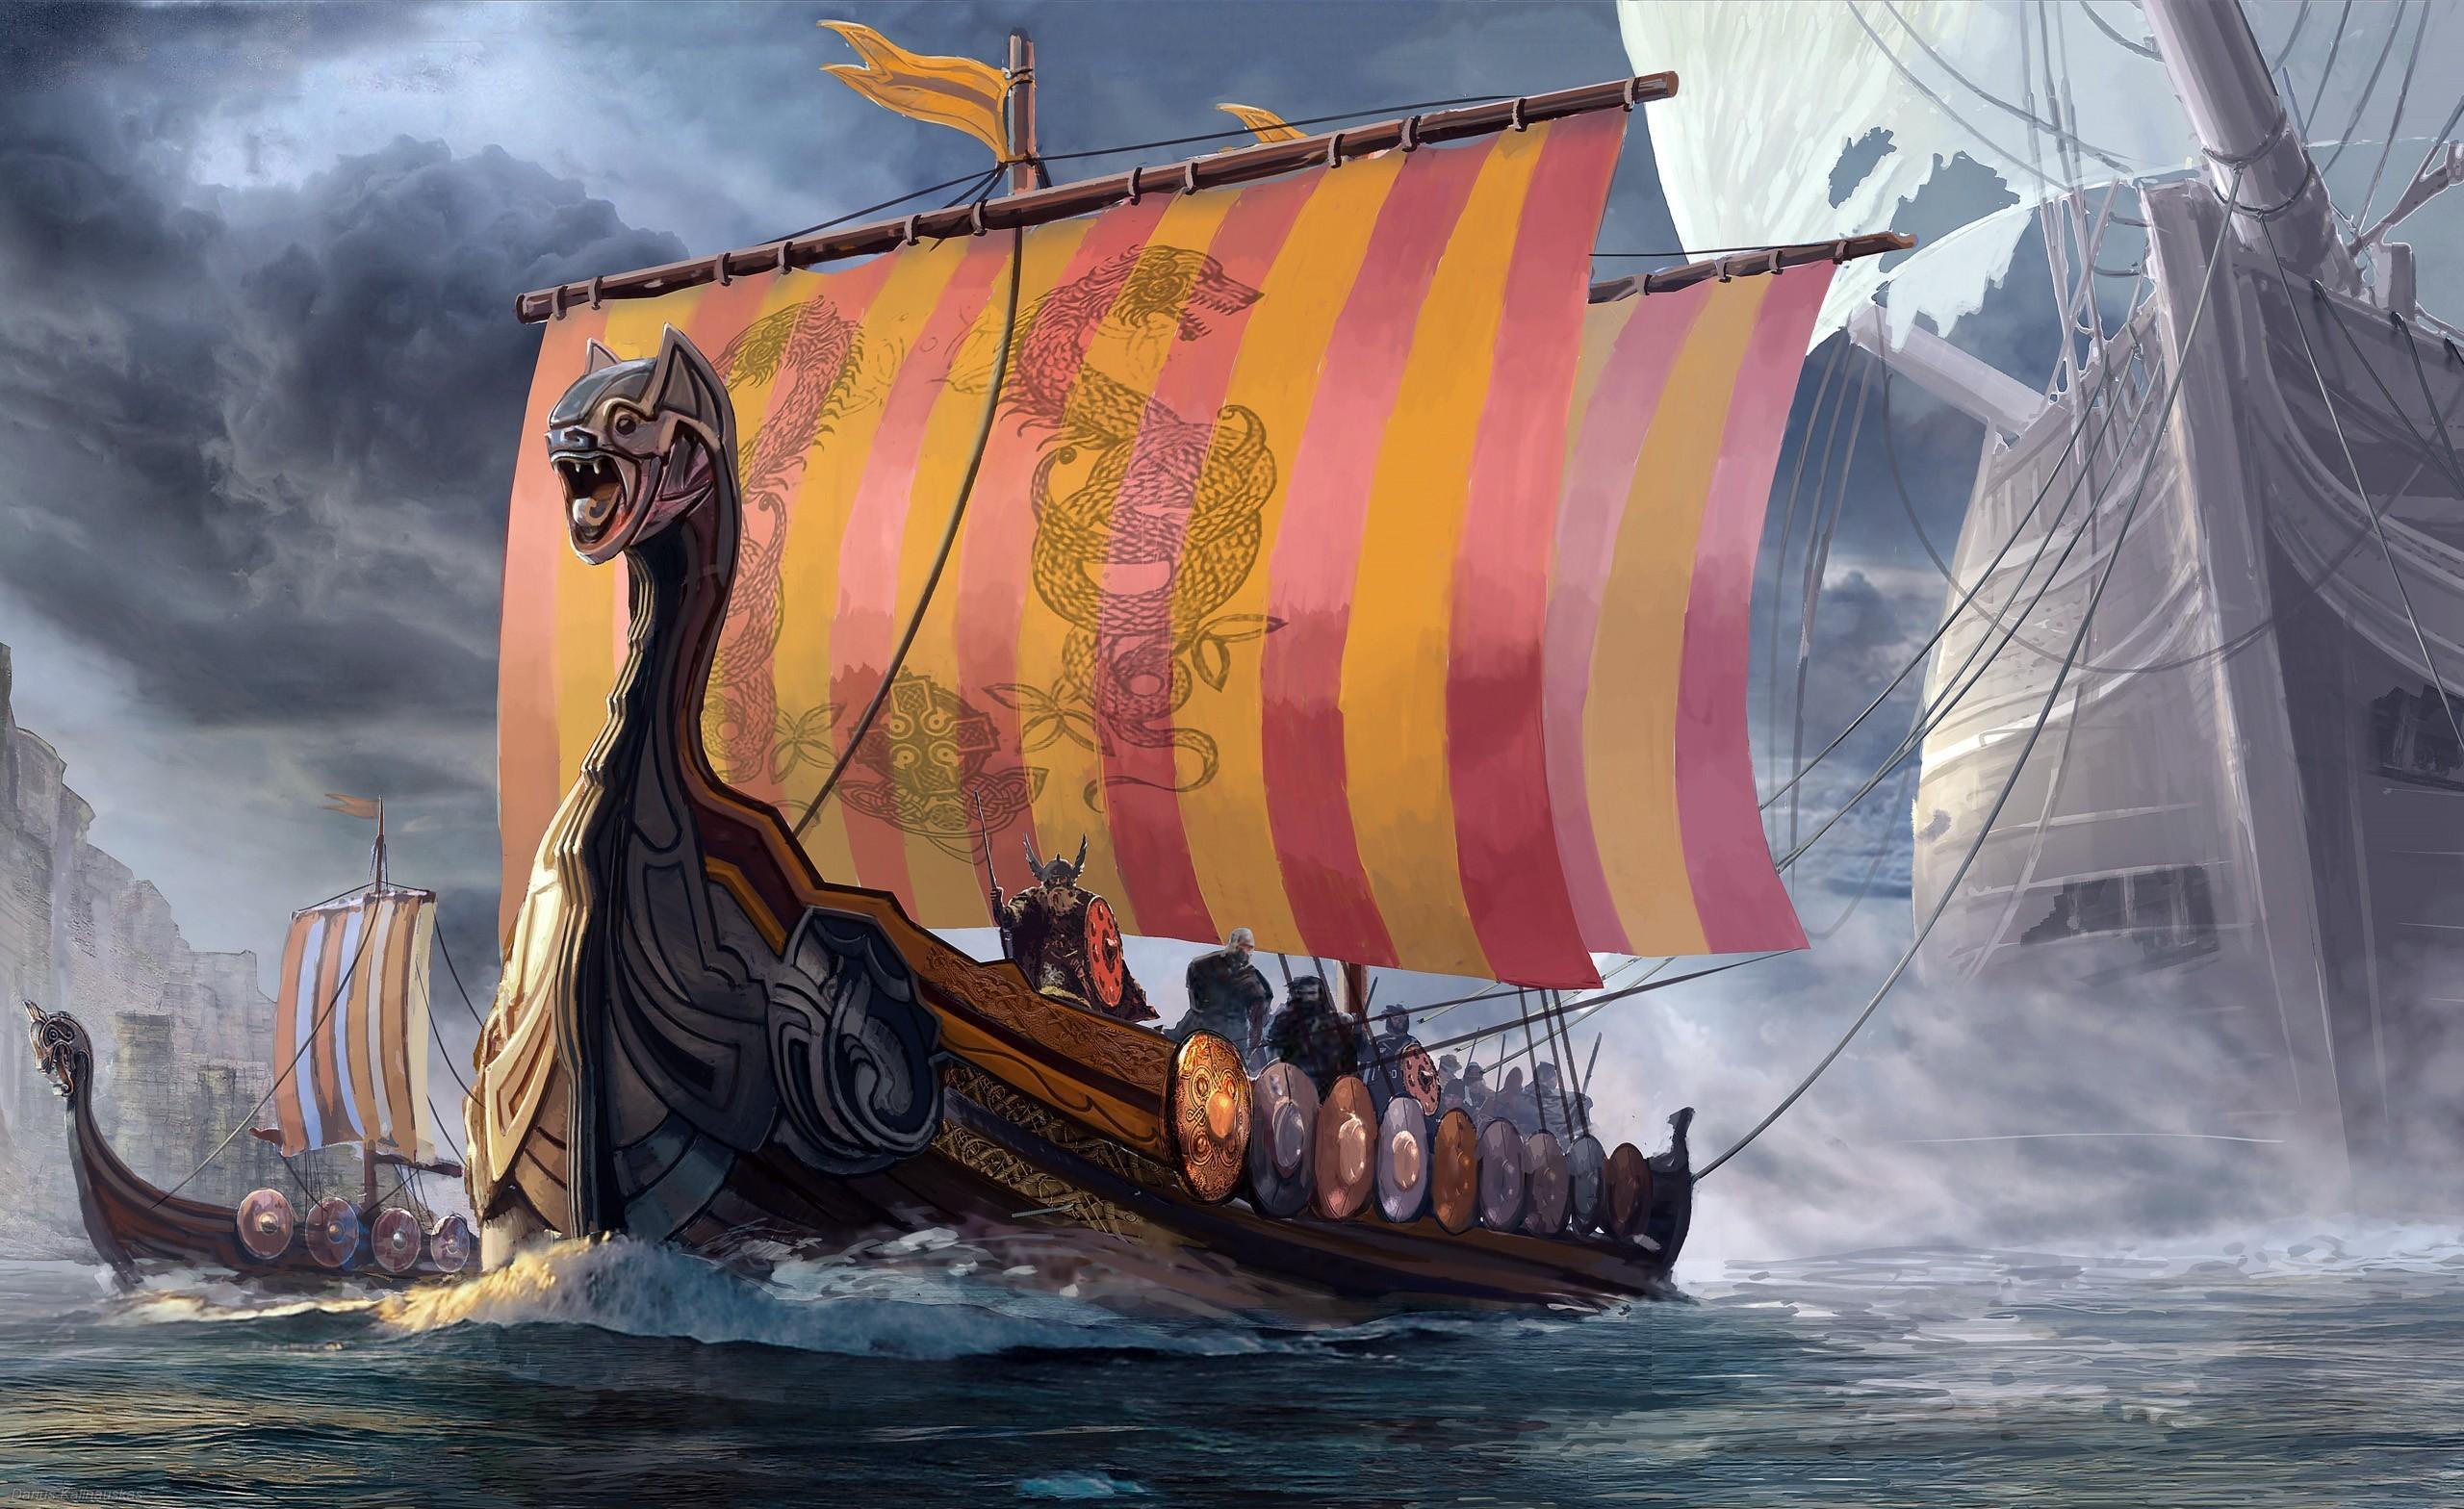 美图,图片,创意 几张和航海有关的创意图片 wallhaven-207074.jpg